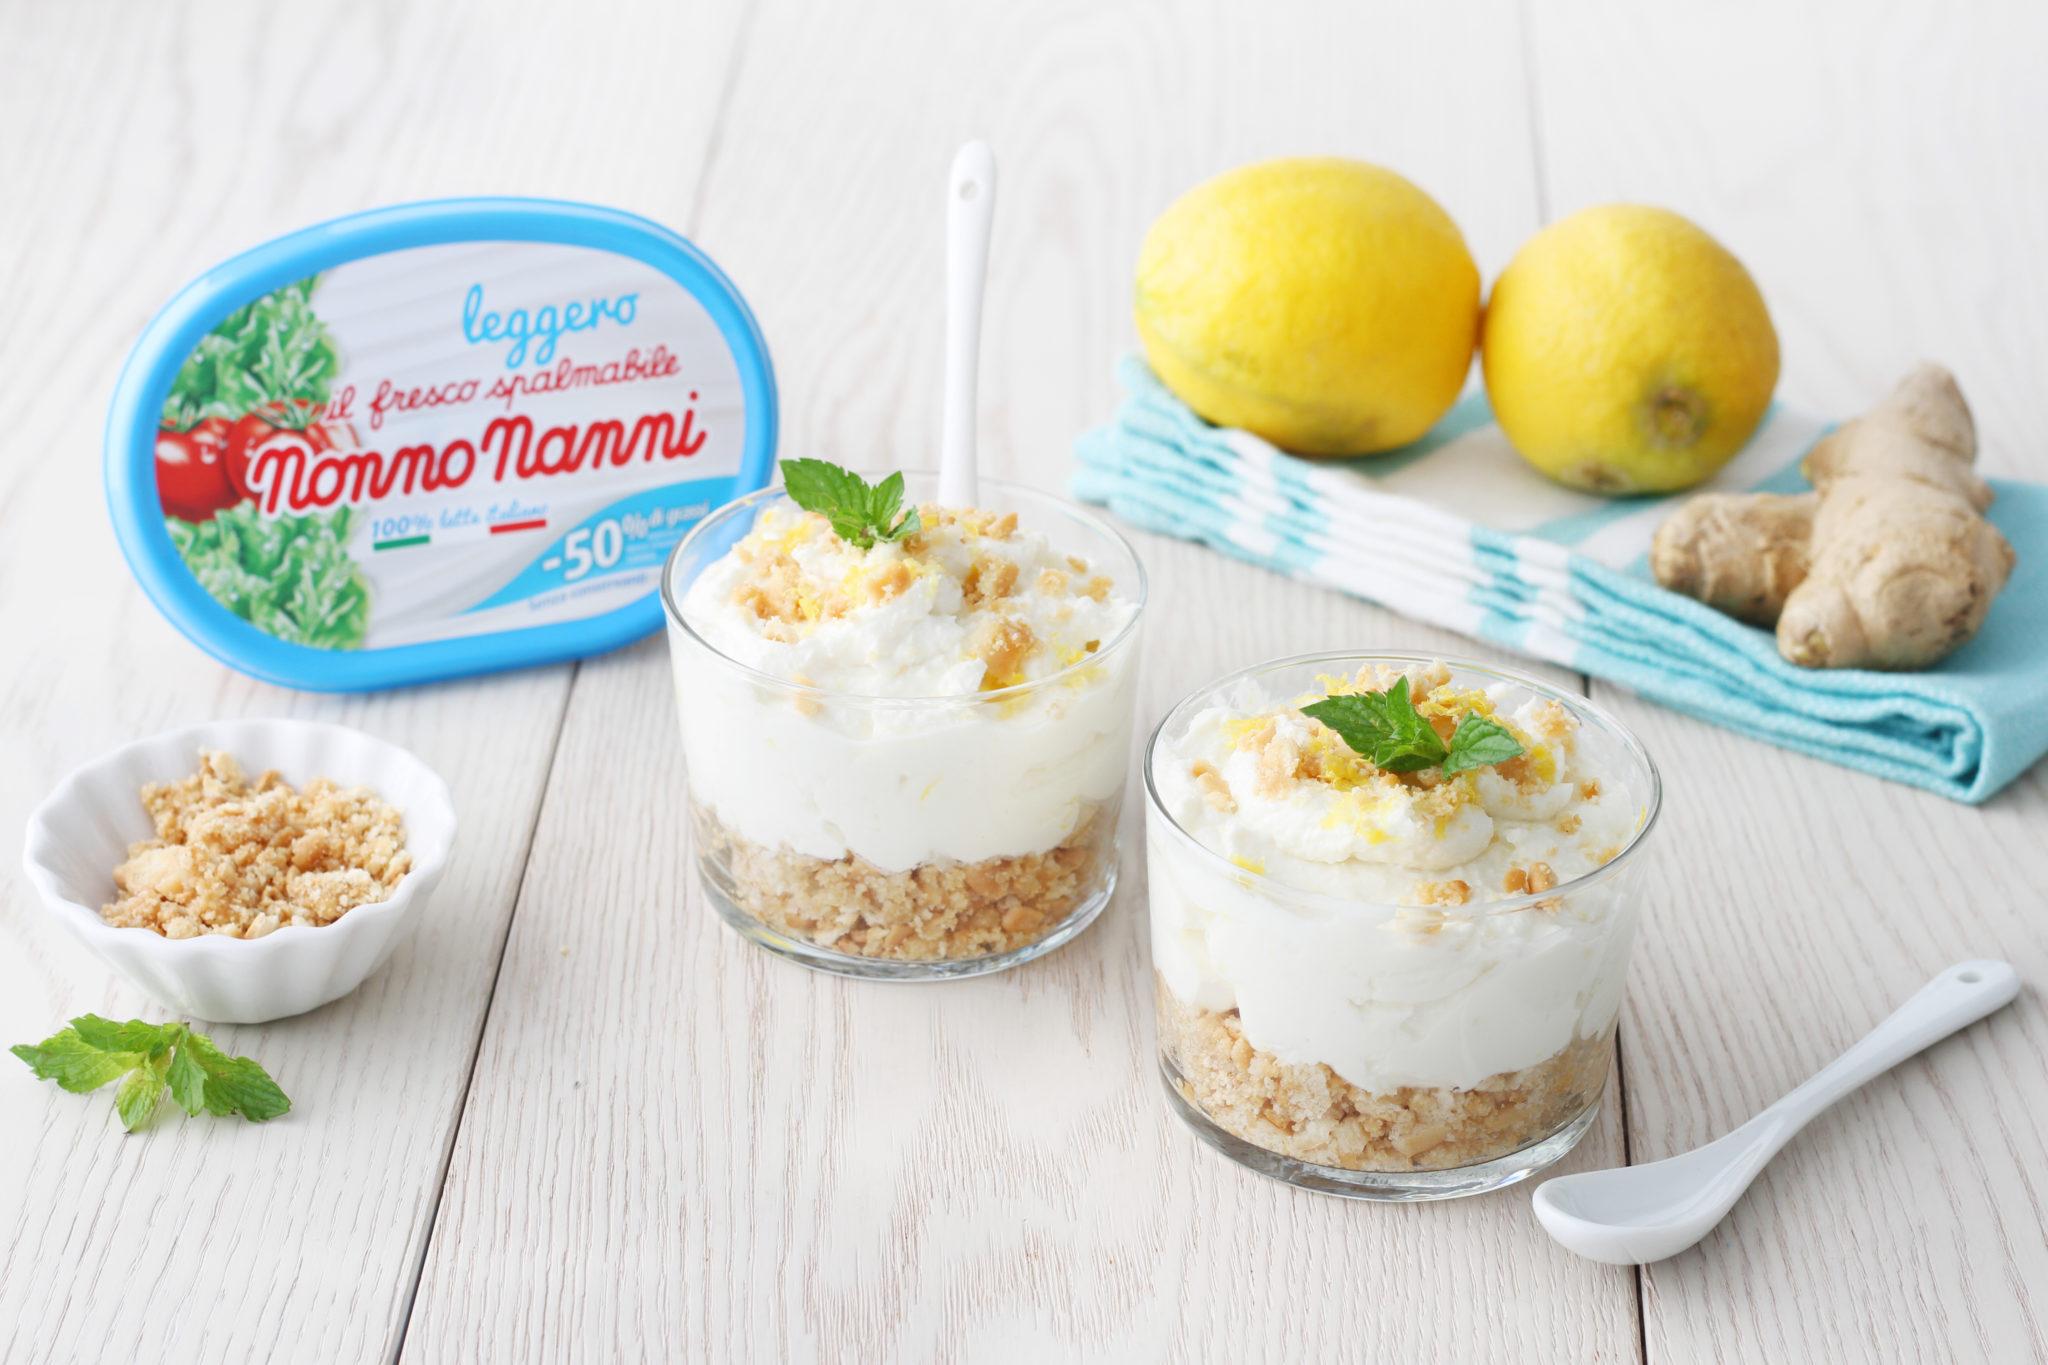 Nonno Nanni cheesecake con Fresco Spalmabile Leggero, zenzero, menta e scorze di limone